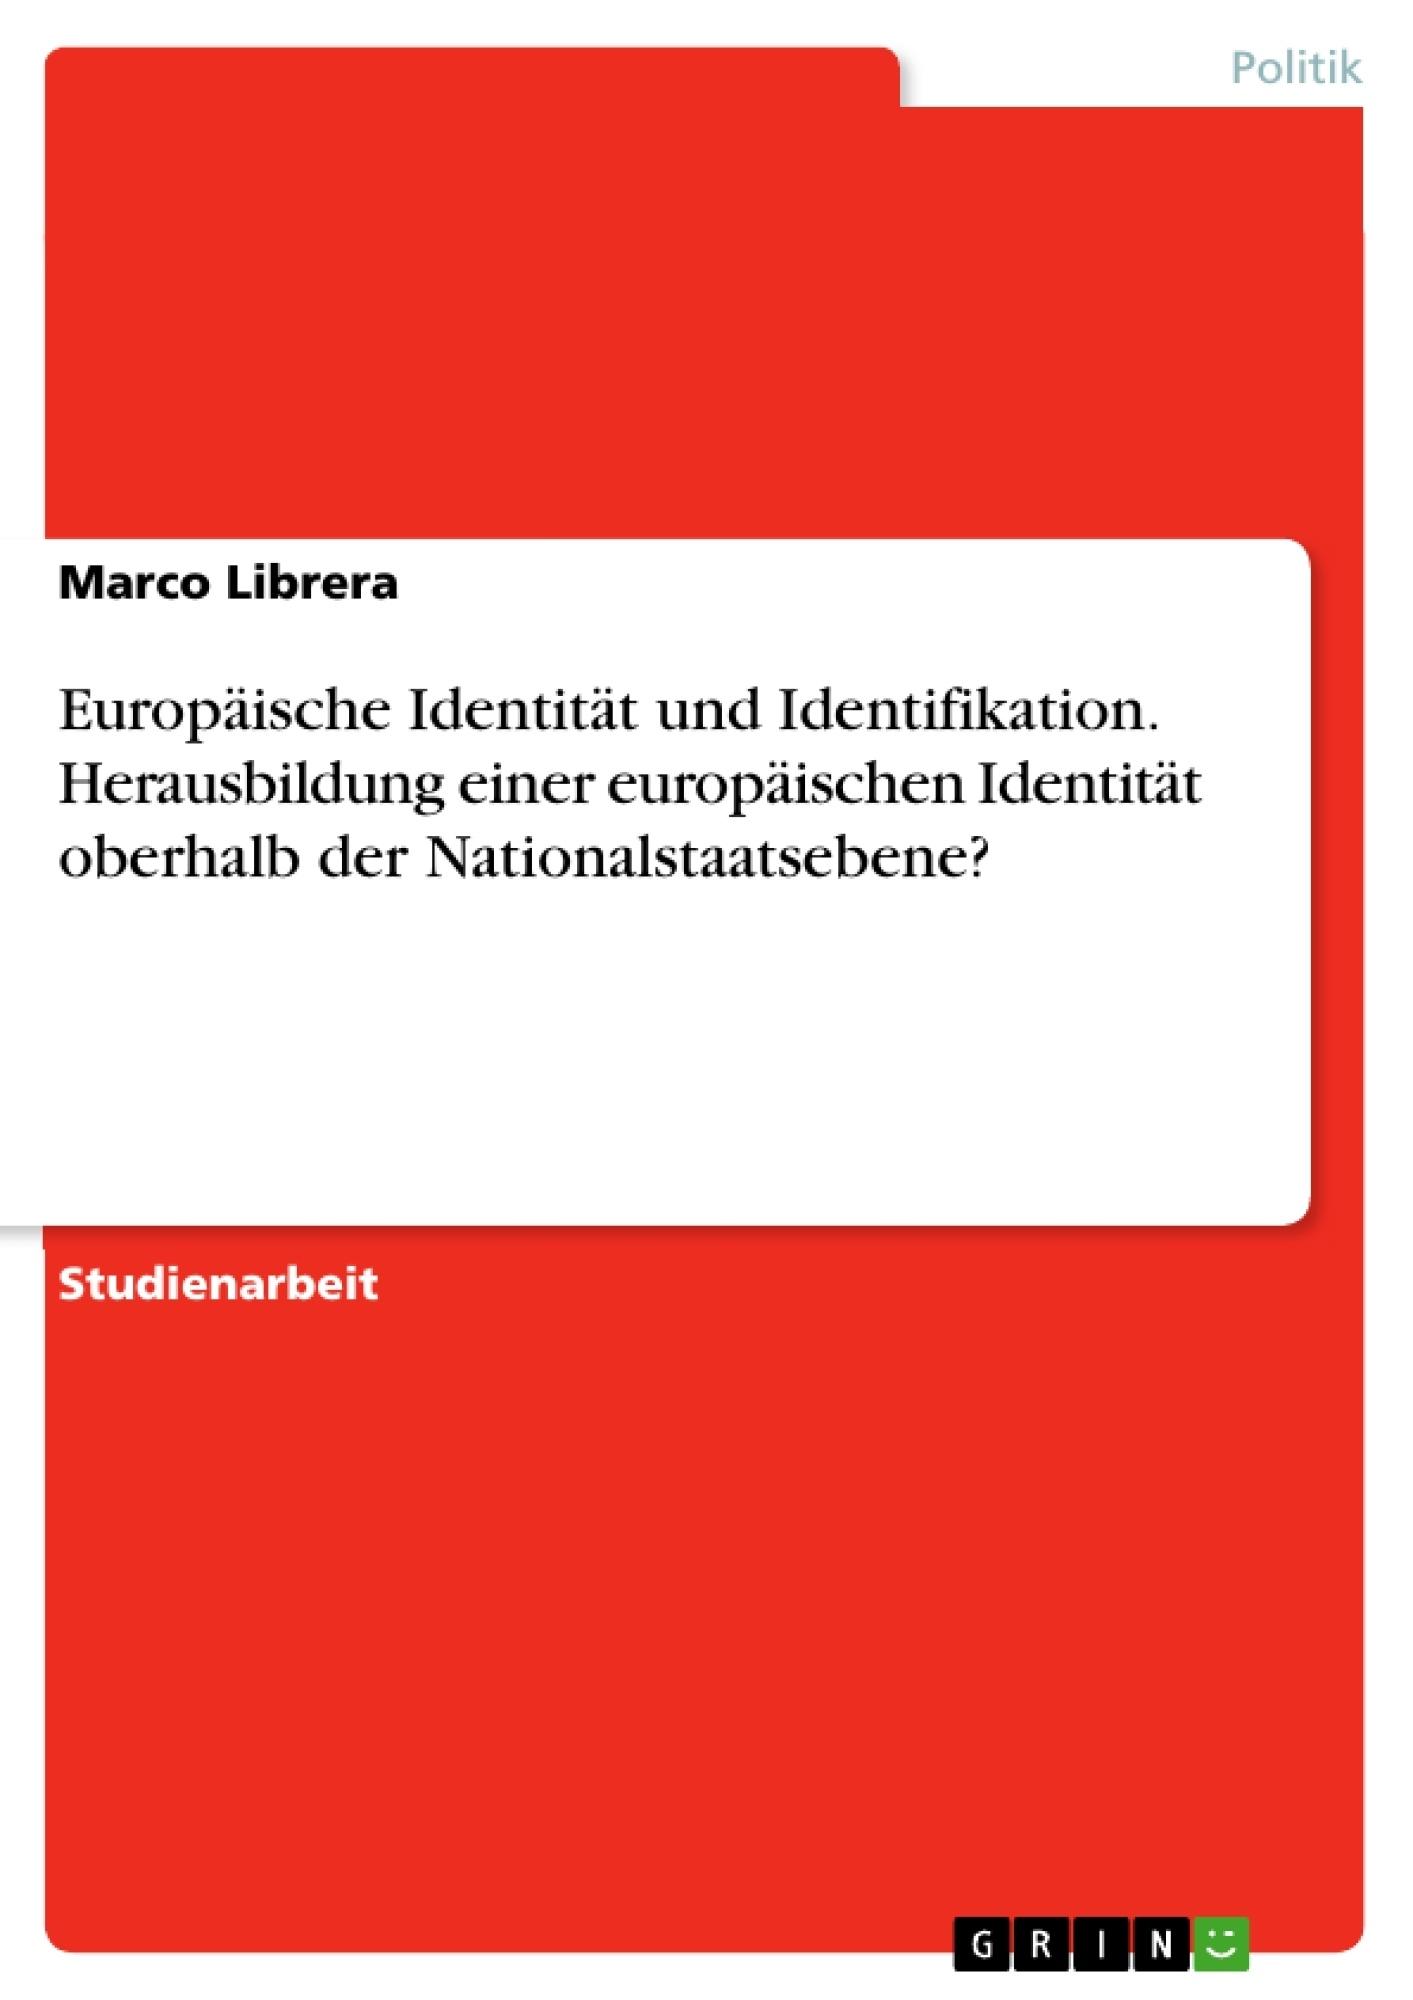 Titel: Europäische Identität und Identifikation. Herausbildung einer europäischen Identität oberhalb der Nationalstaatsebene?